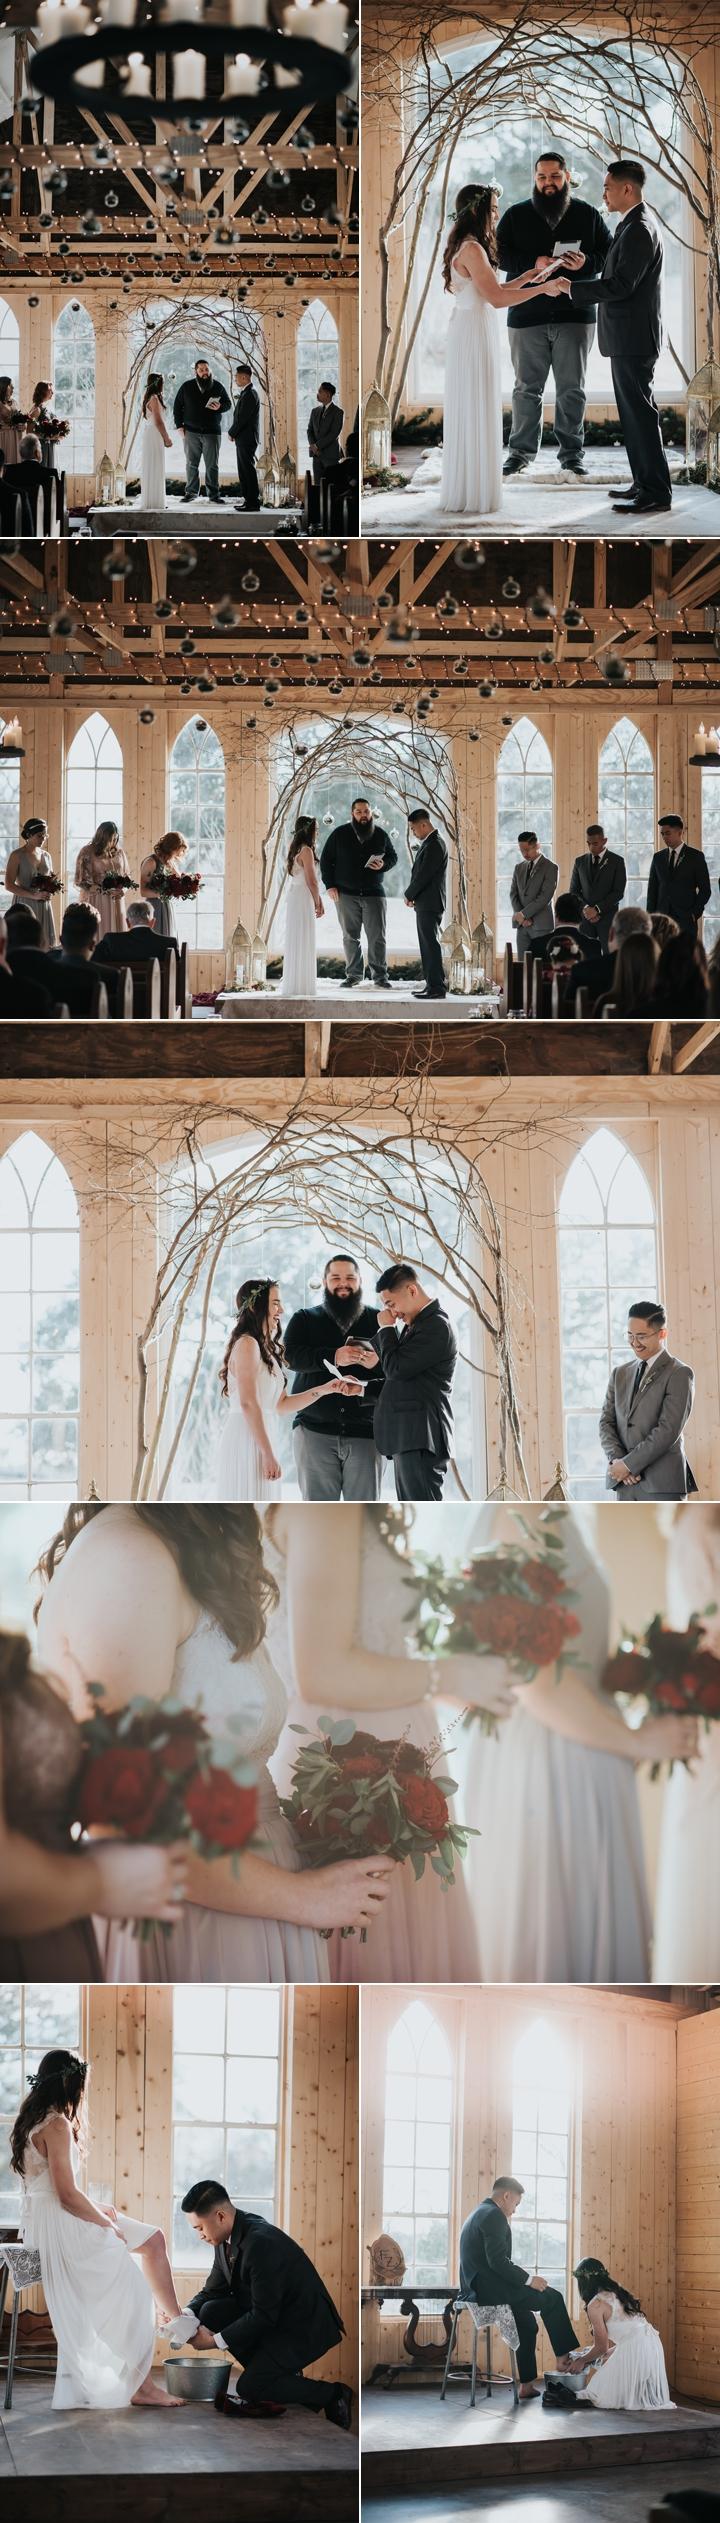 dallas-wedding-photographers-fz 23.jpg